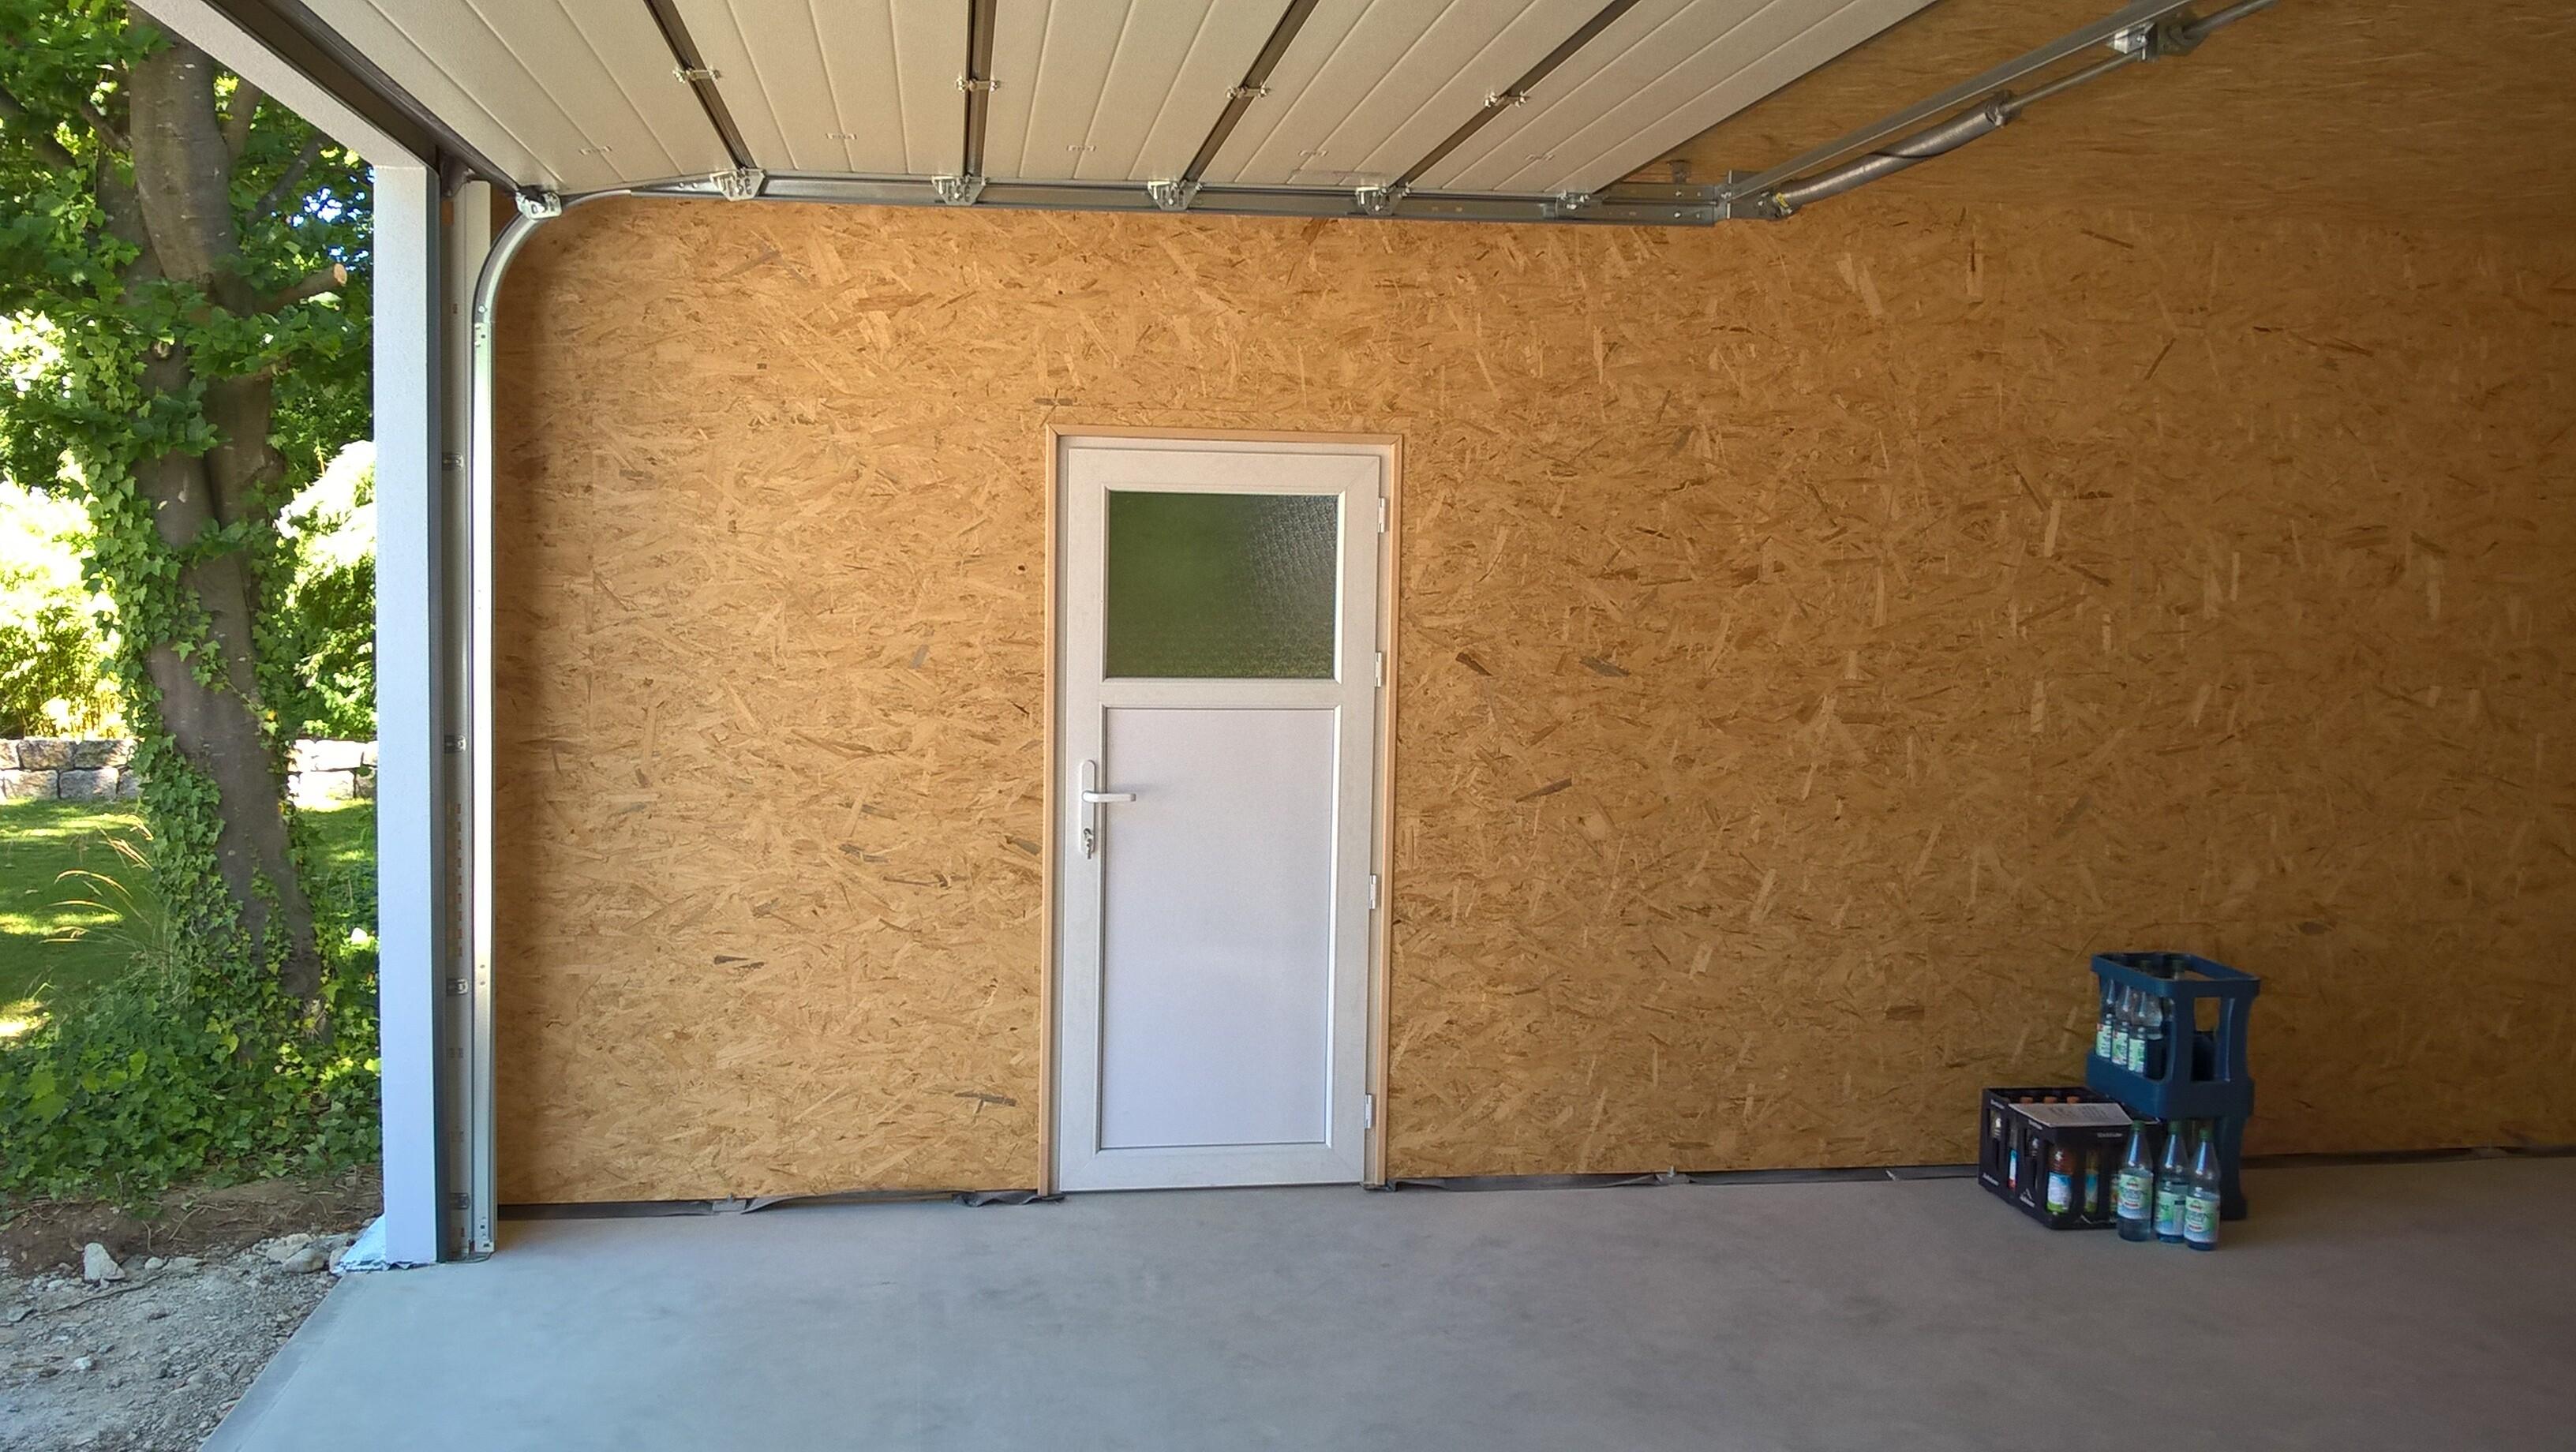 Garage in Holzständerbauweise mit Sektionaltor und Nebeneingangstüre.